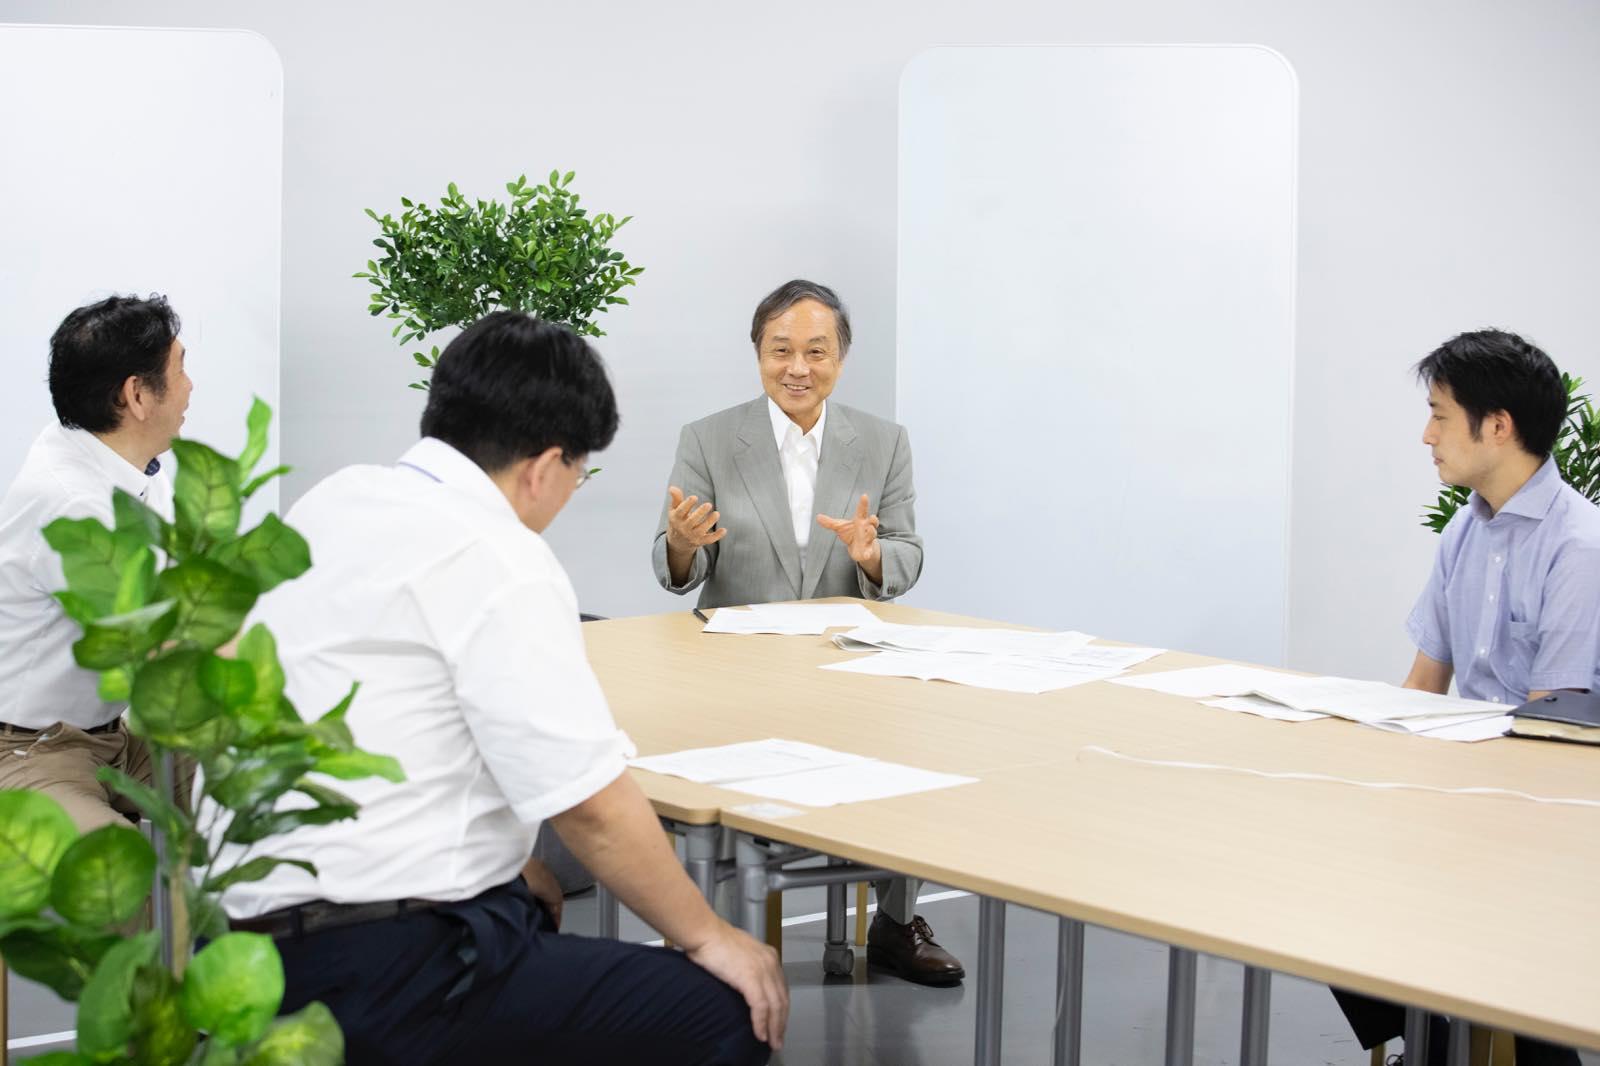 町田市未来都市研究2050の座談会